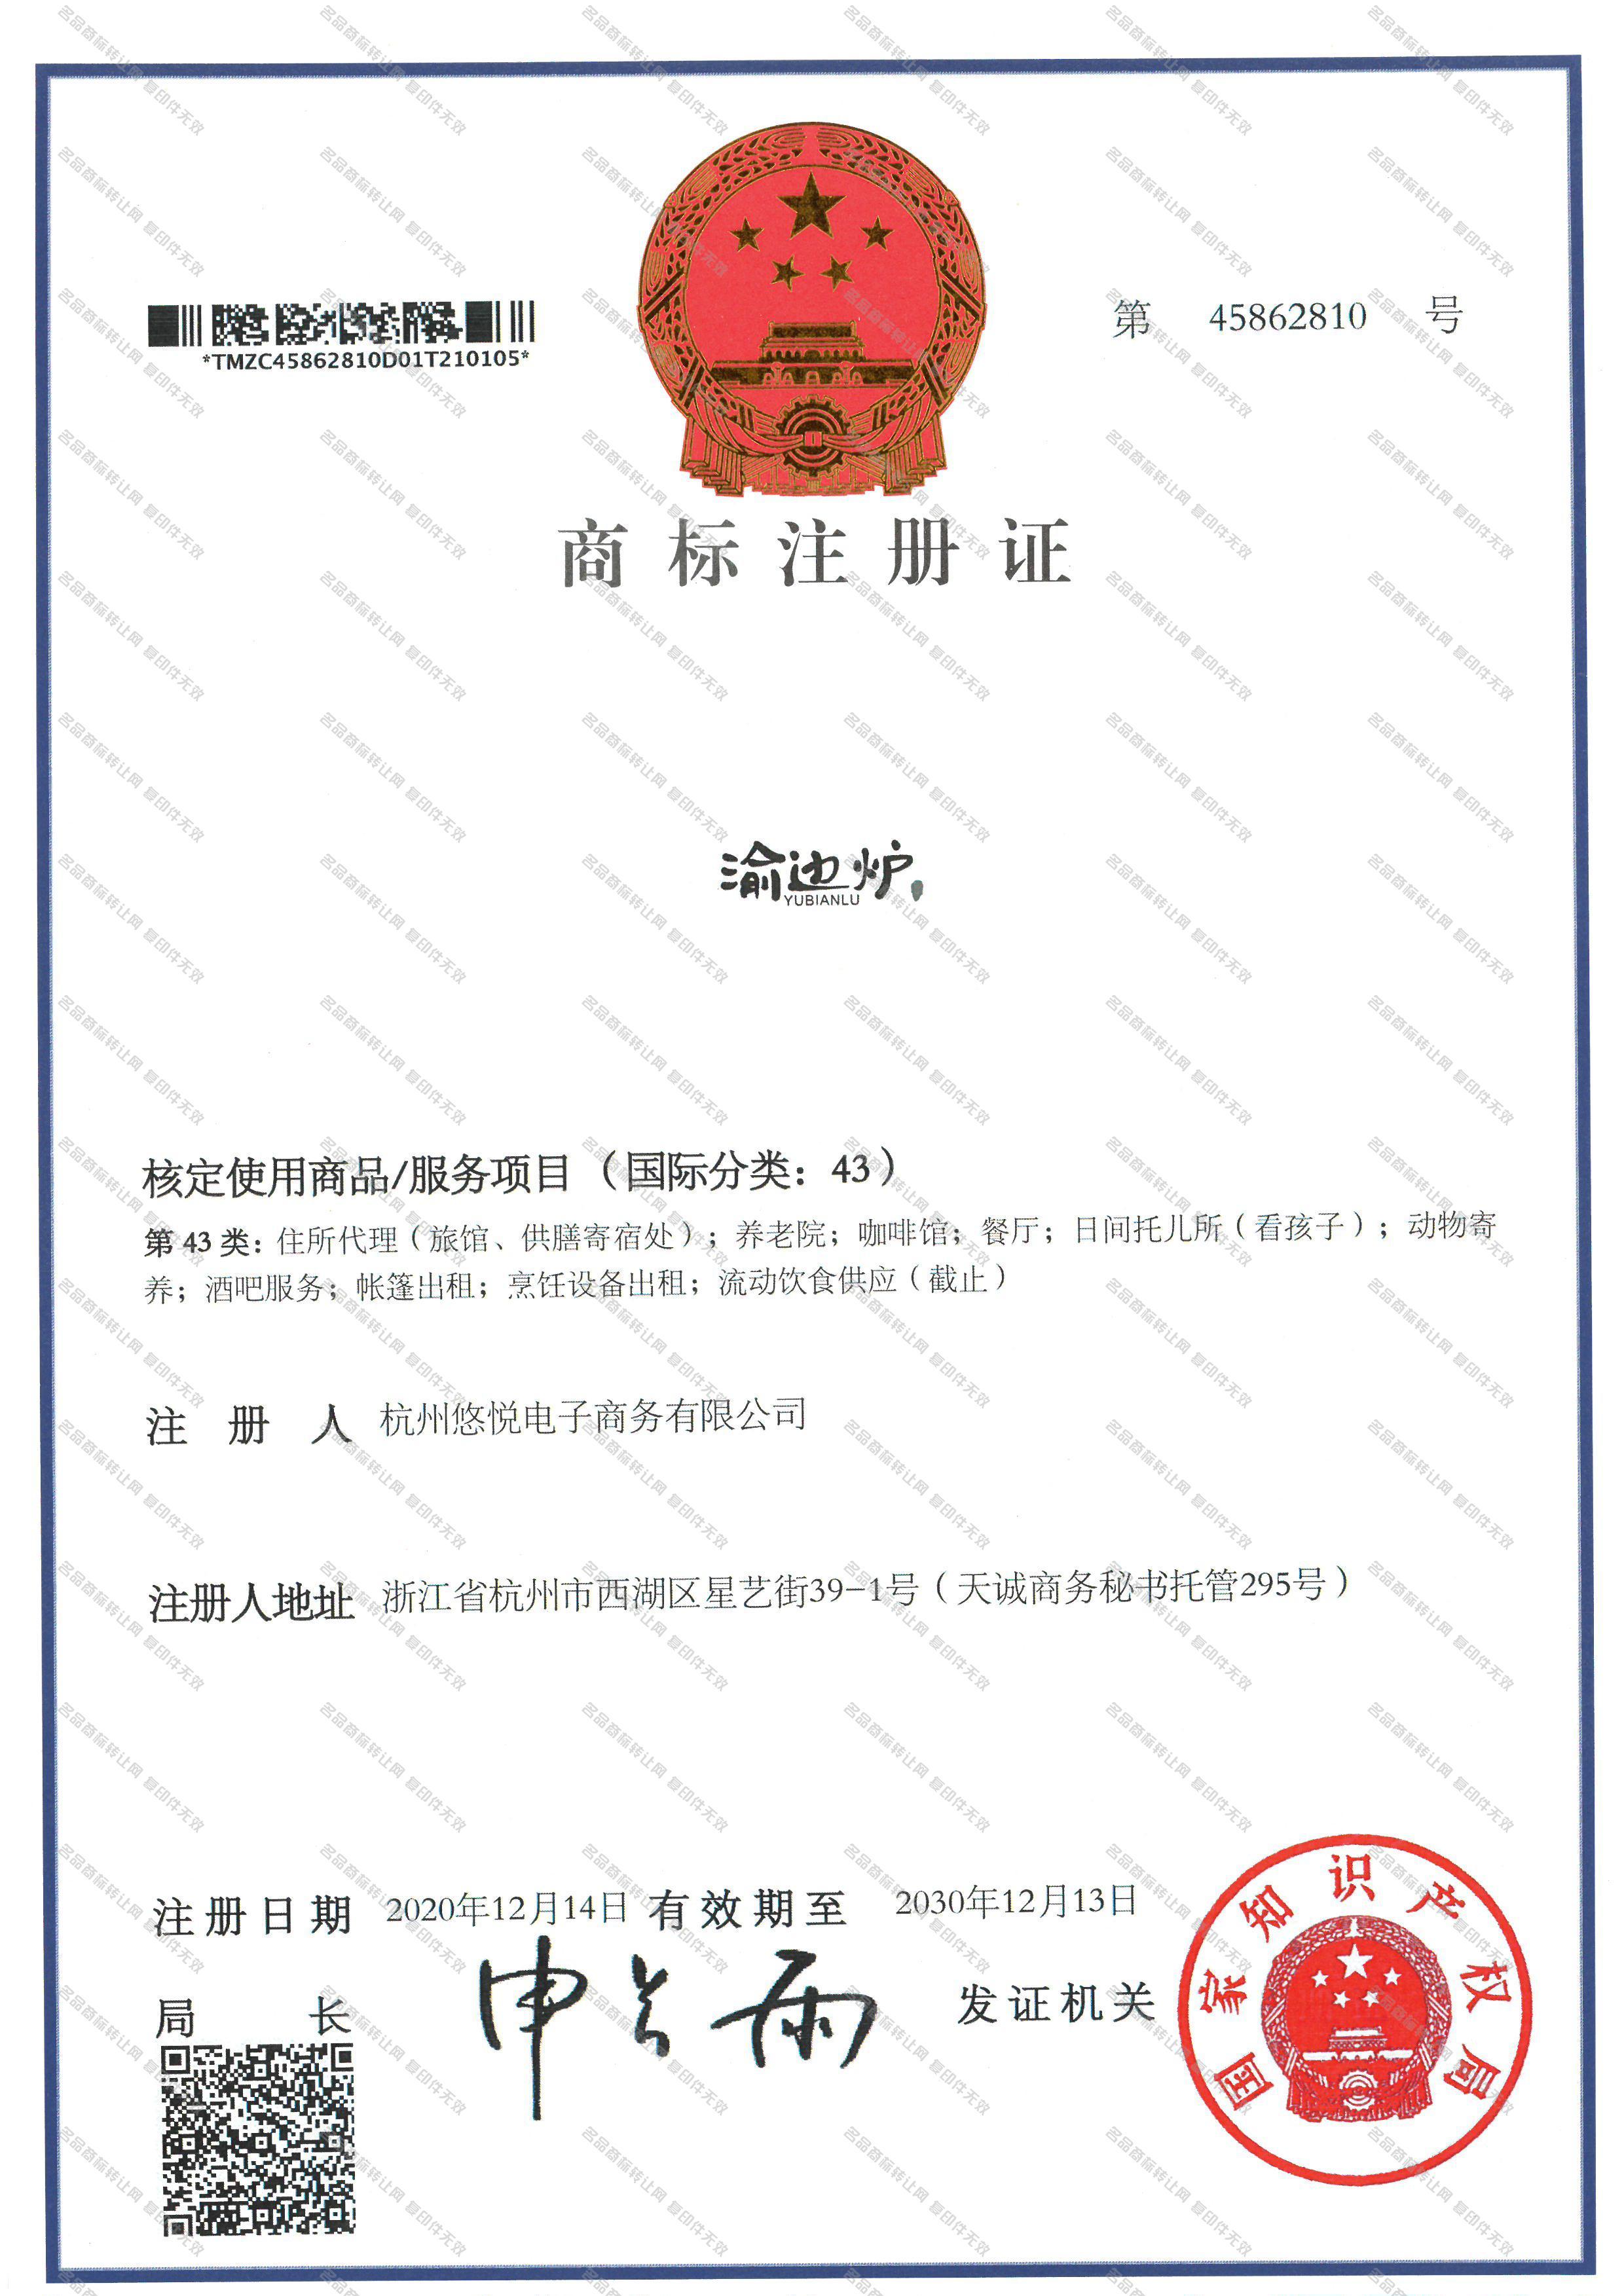 渝边炉;YUBIANLU注册证